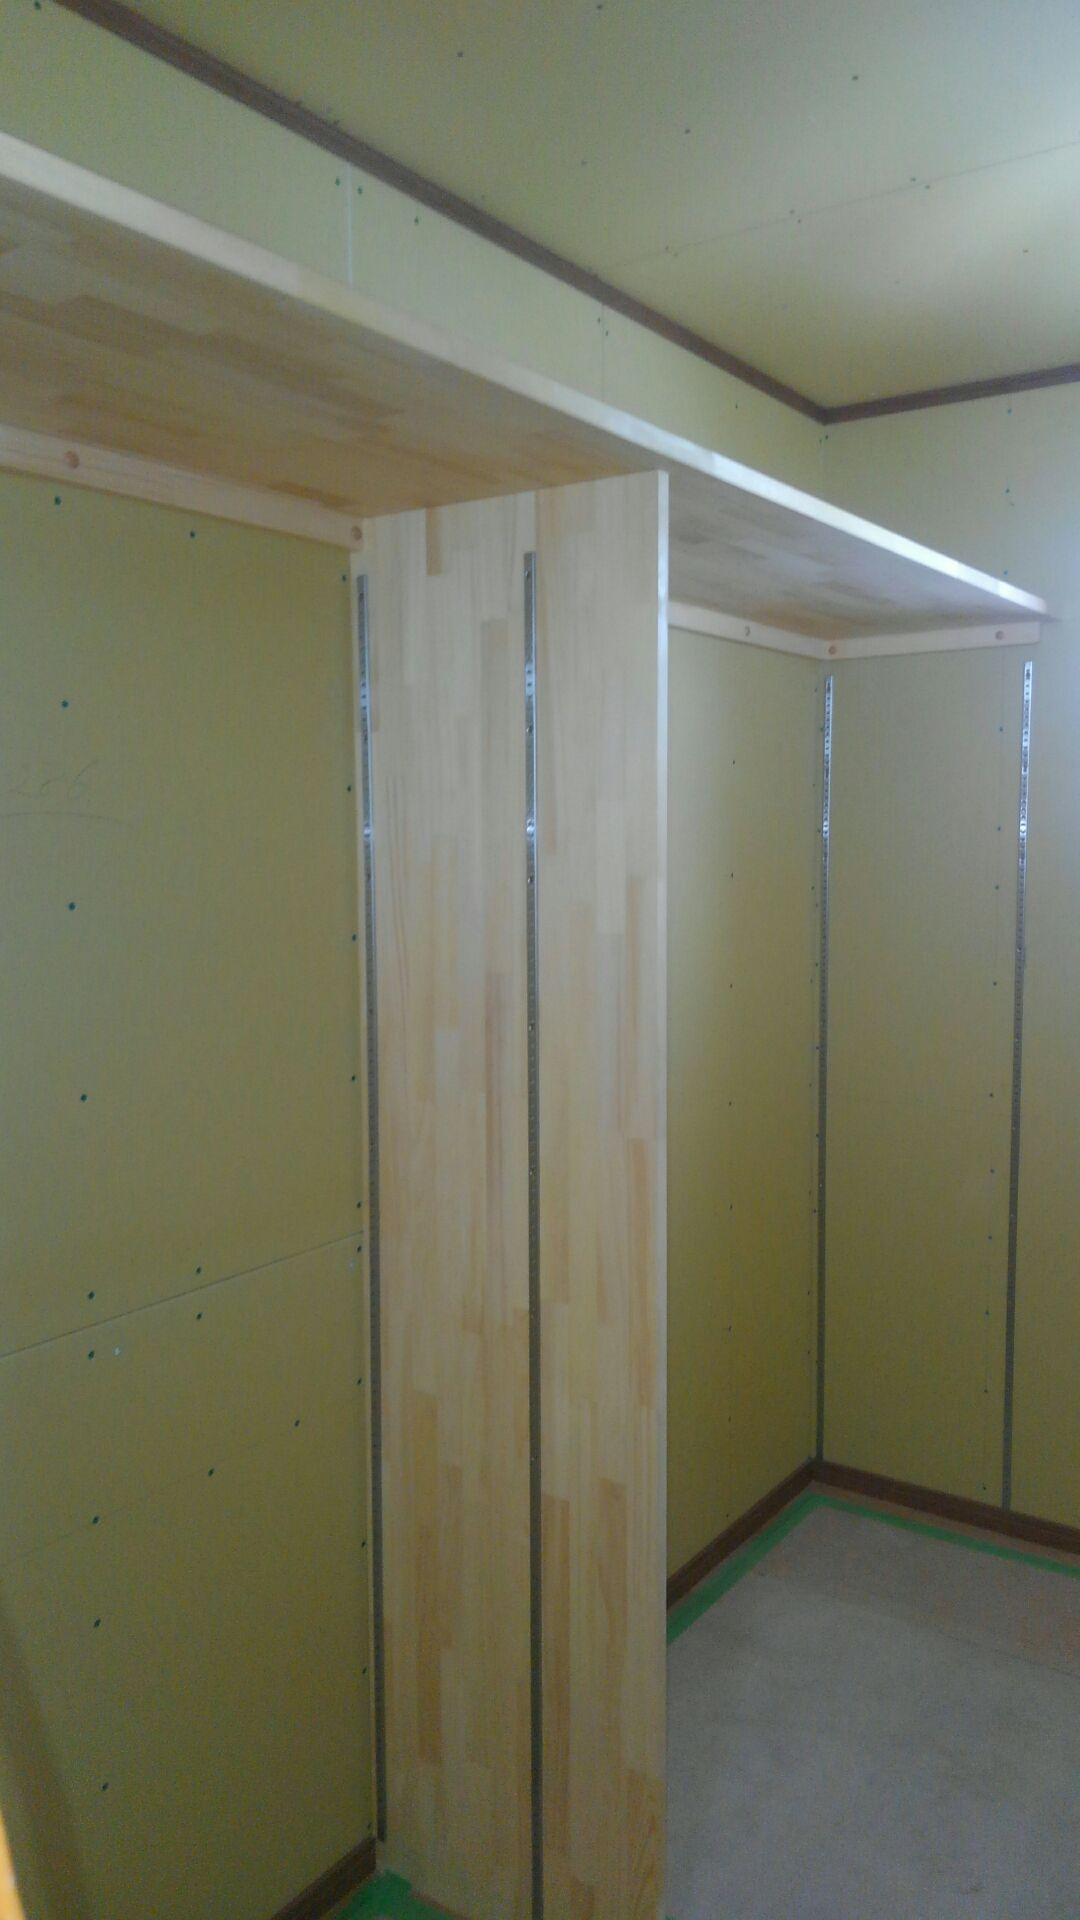 主寝室には約3帖の広々ウォークインクローゼット!これだけあれば収納力もバツグンです。棚などの形は全て、お客様と打ち合わせをしながら大工さんが作ります。